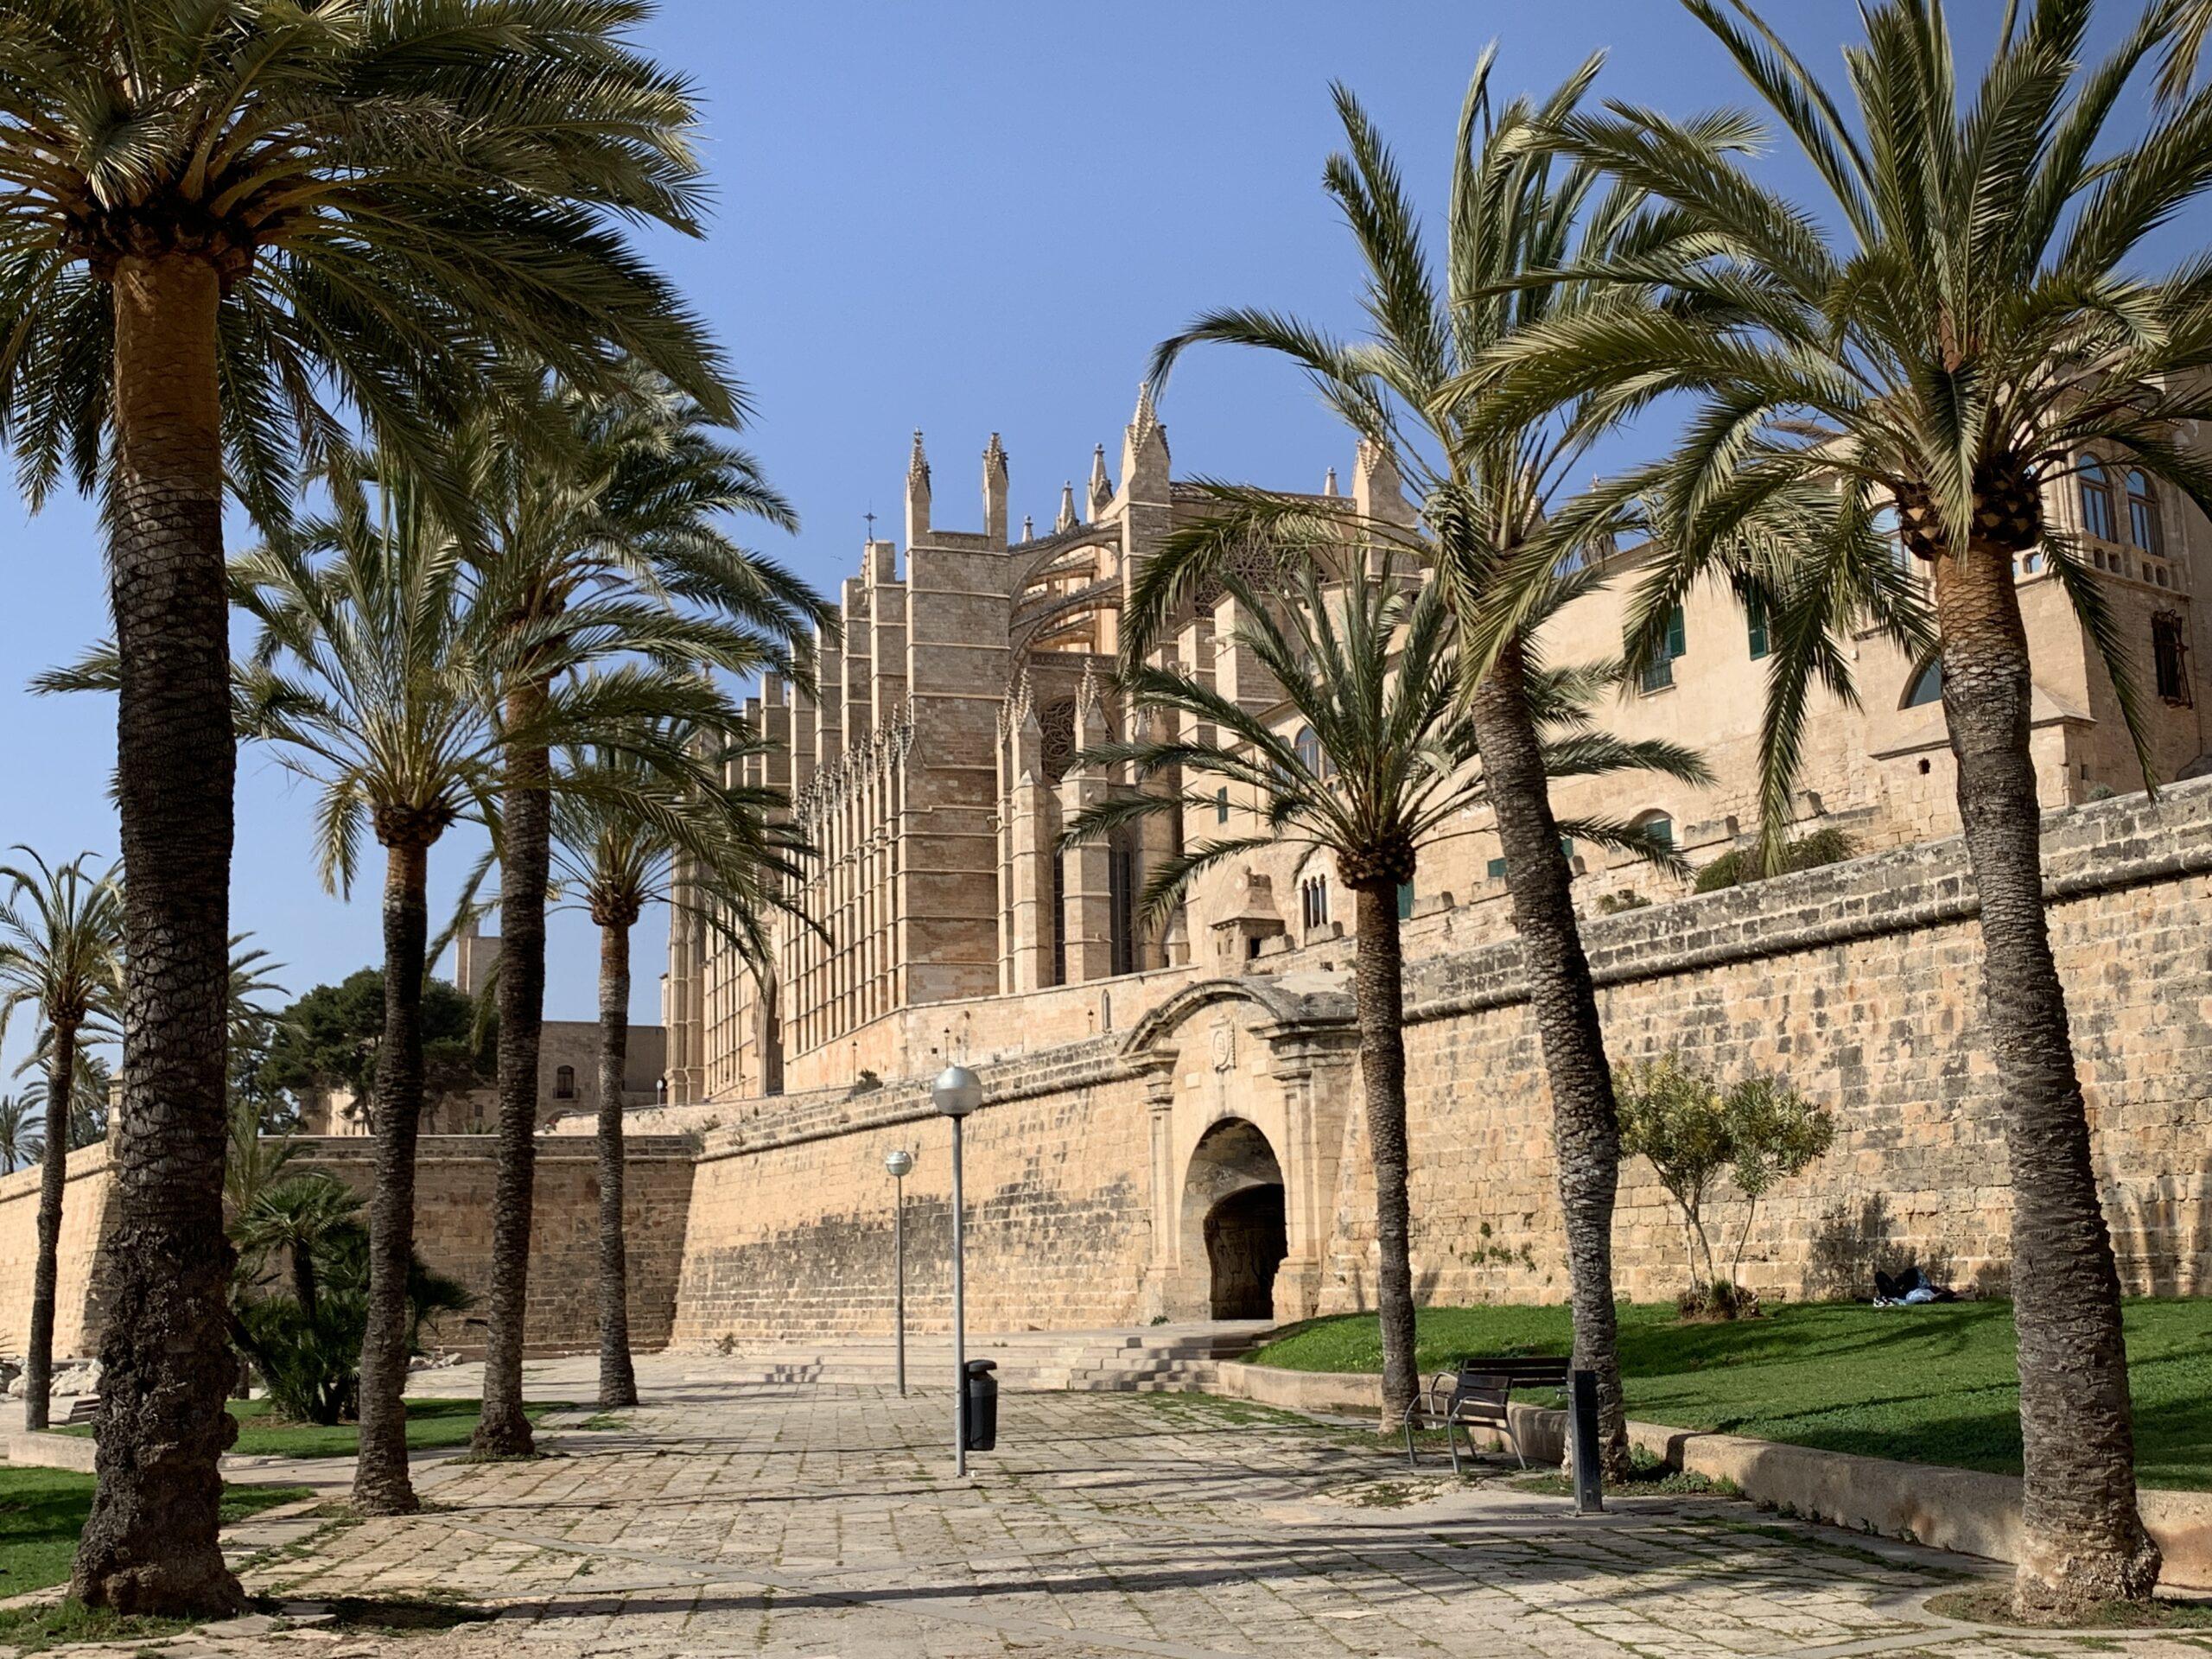 Cathédrale de Palma de Majorque, photo prise par un digital nomad